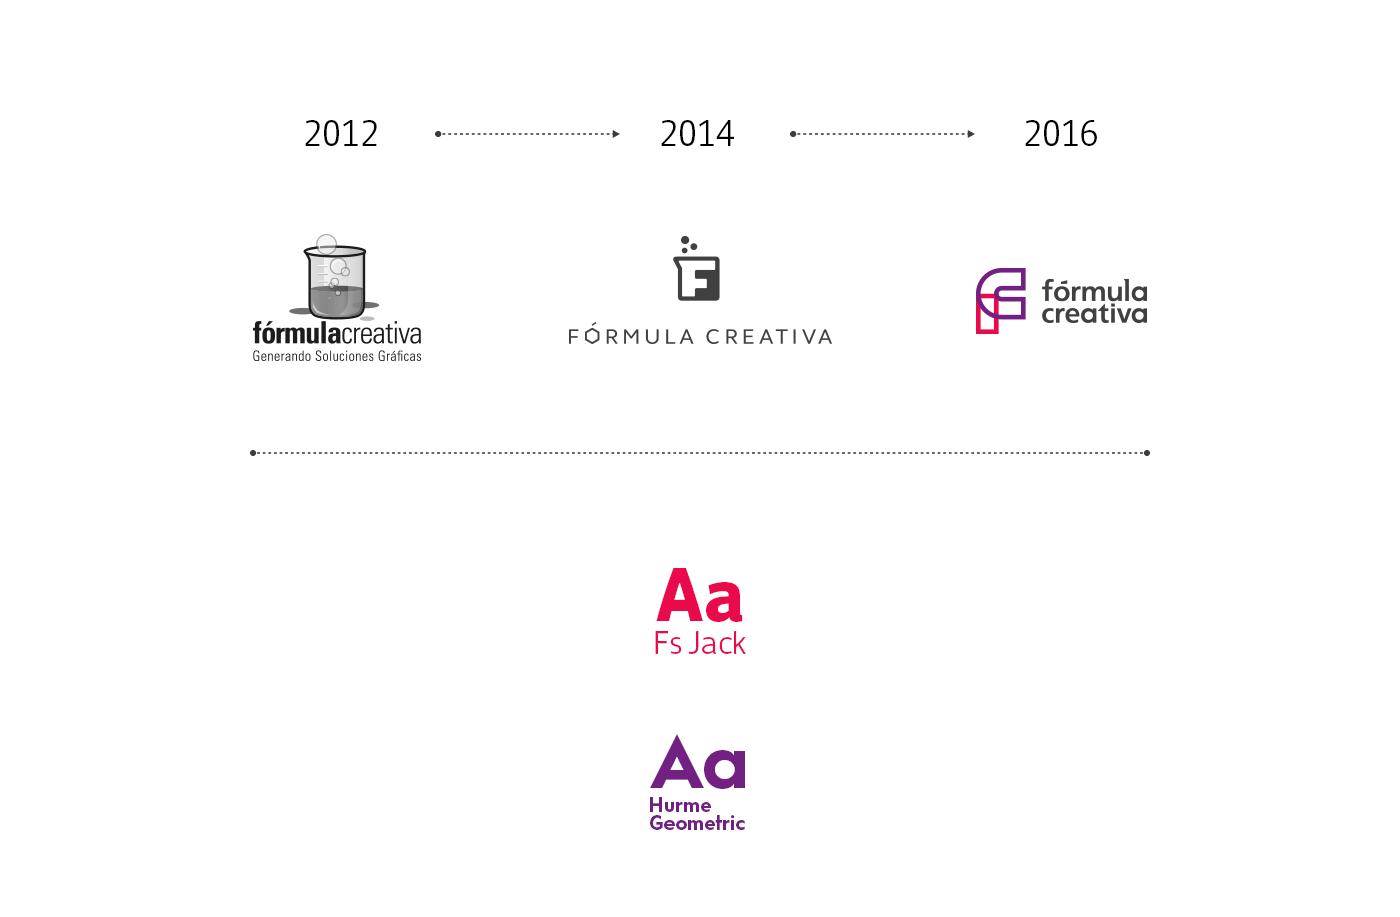 墨西哥设计工作室 Fórmula Creativa 品牌视觉设计 欣赏-第2张